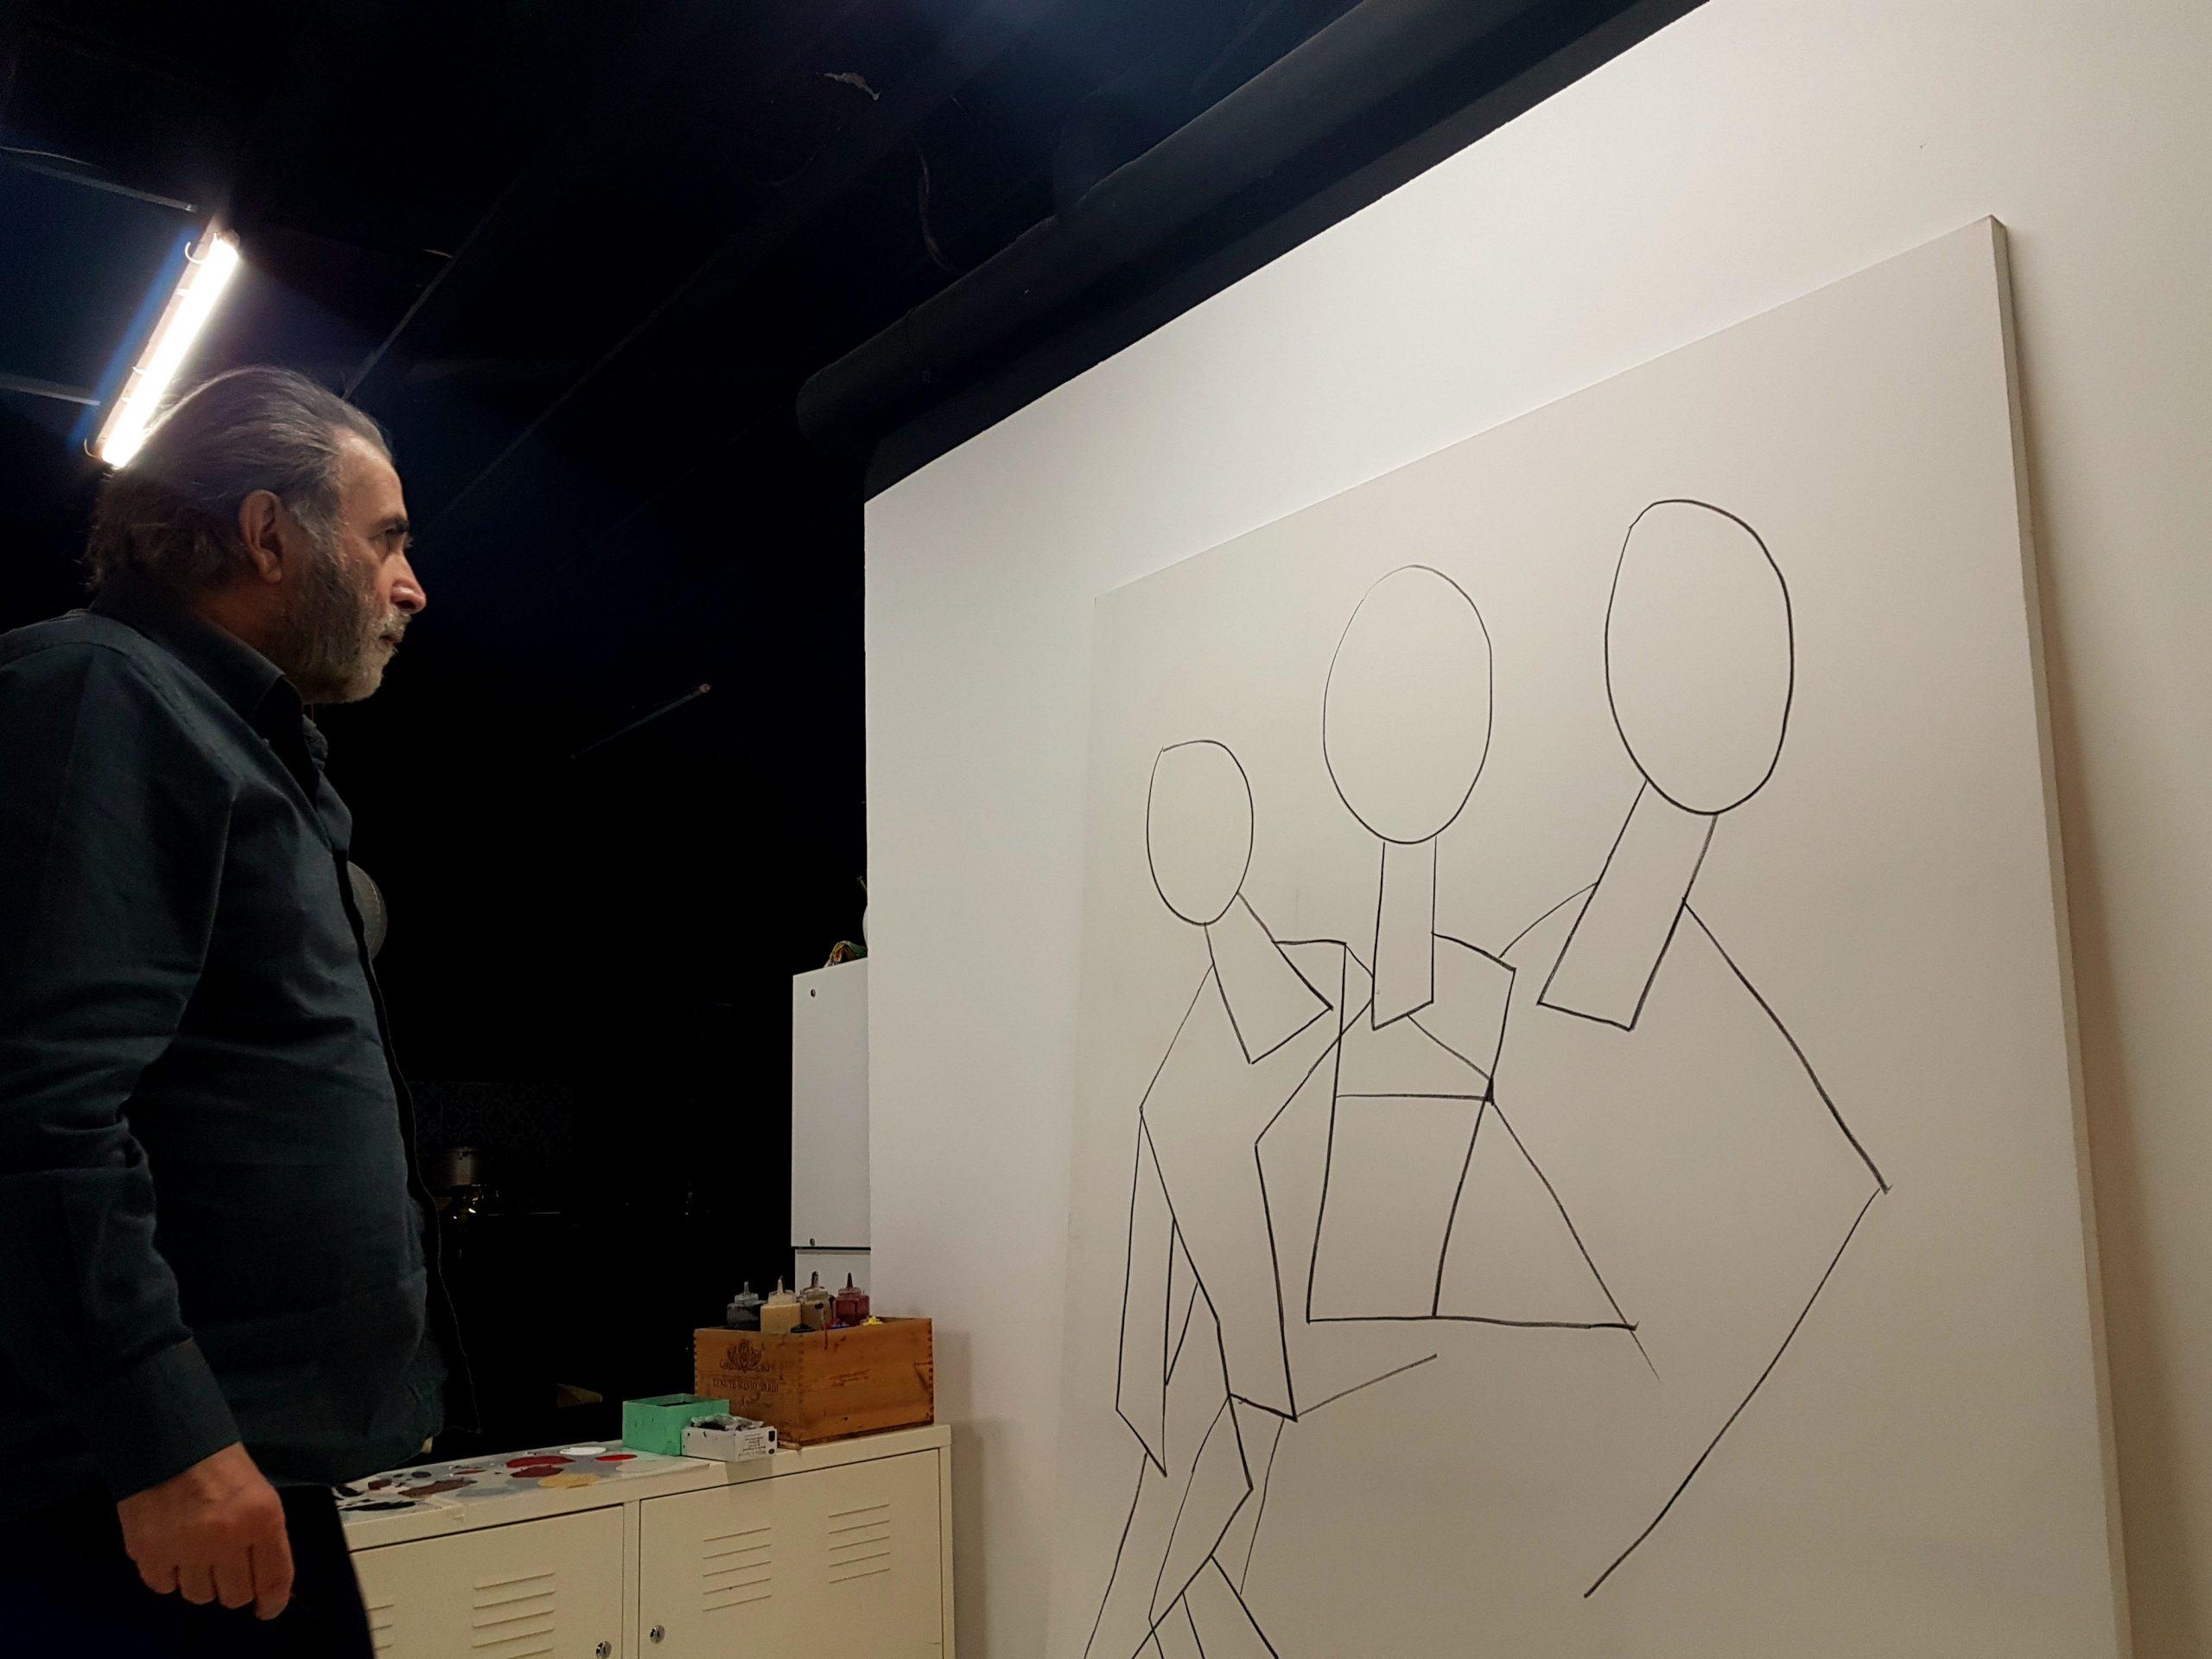 Ο Λάκης Λαζόπουλος ζωγραφίζει και κάνει την πρώτη του έκθεση